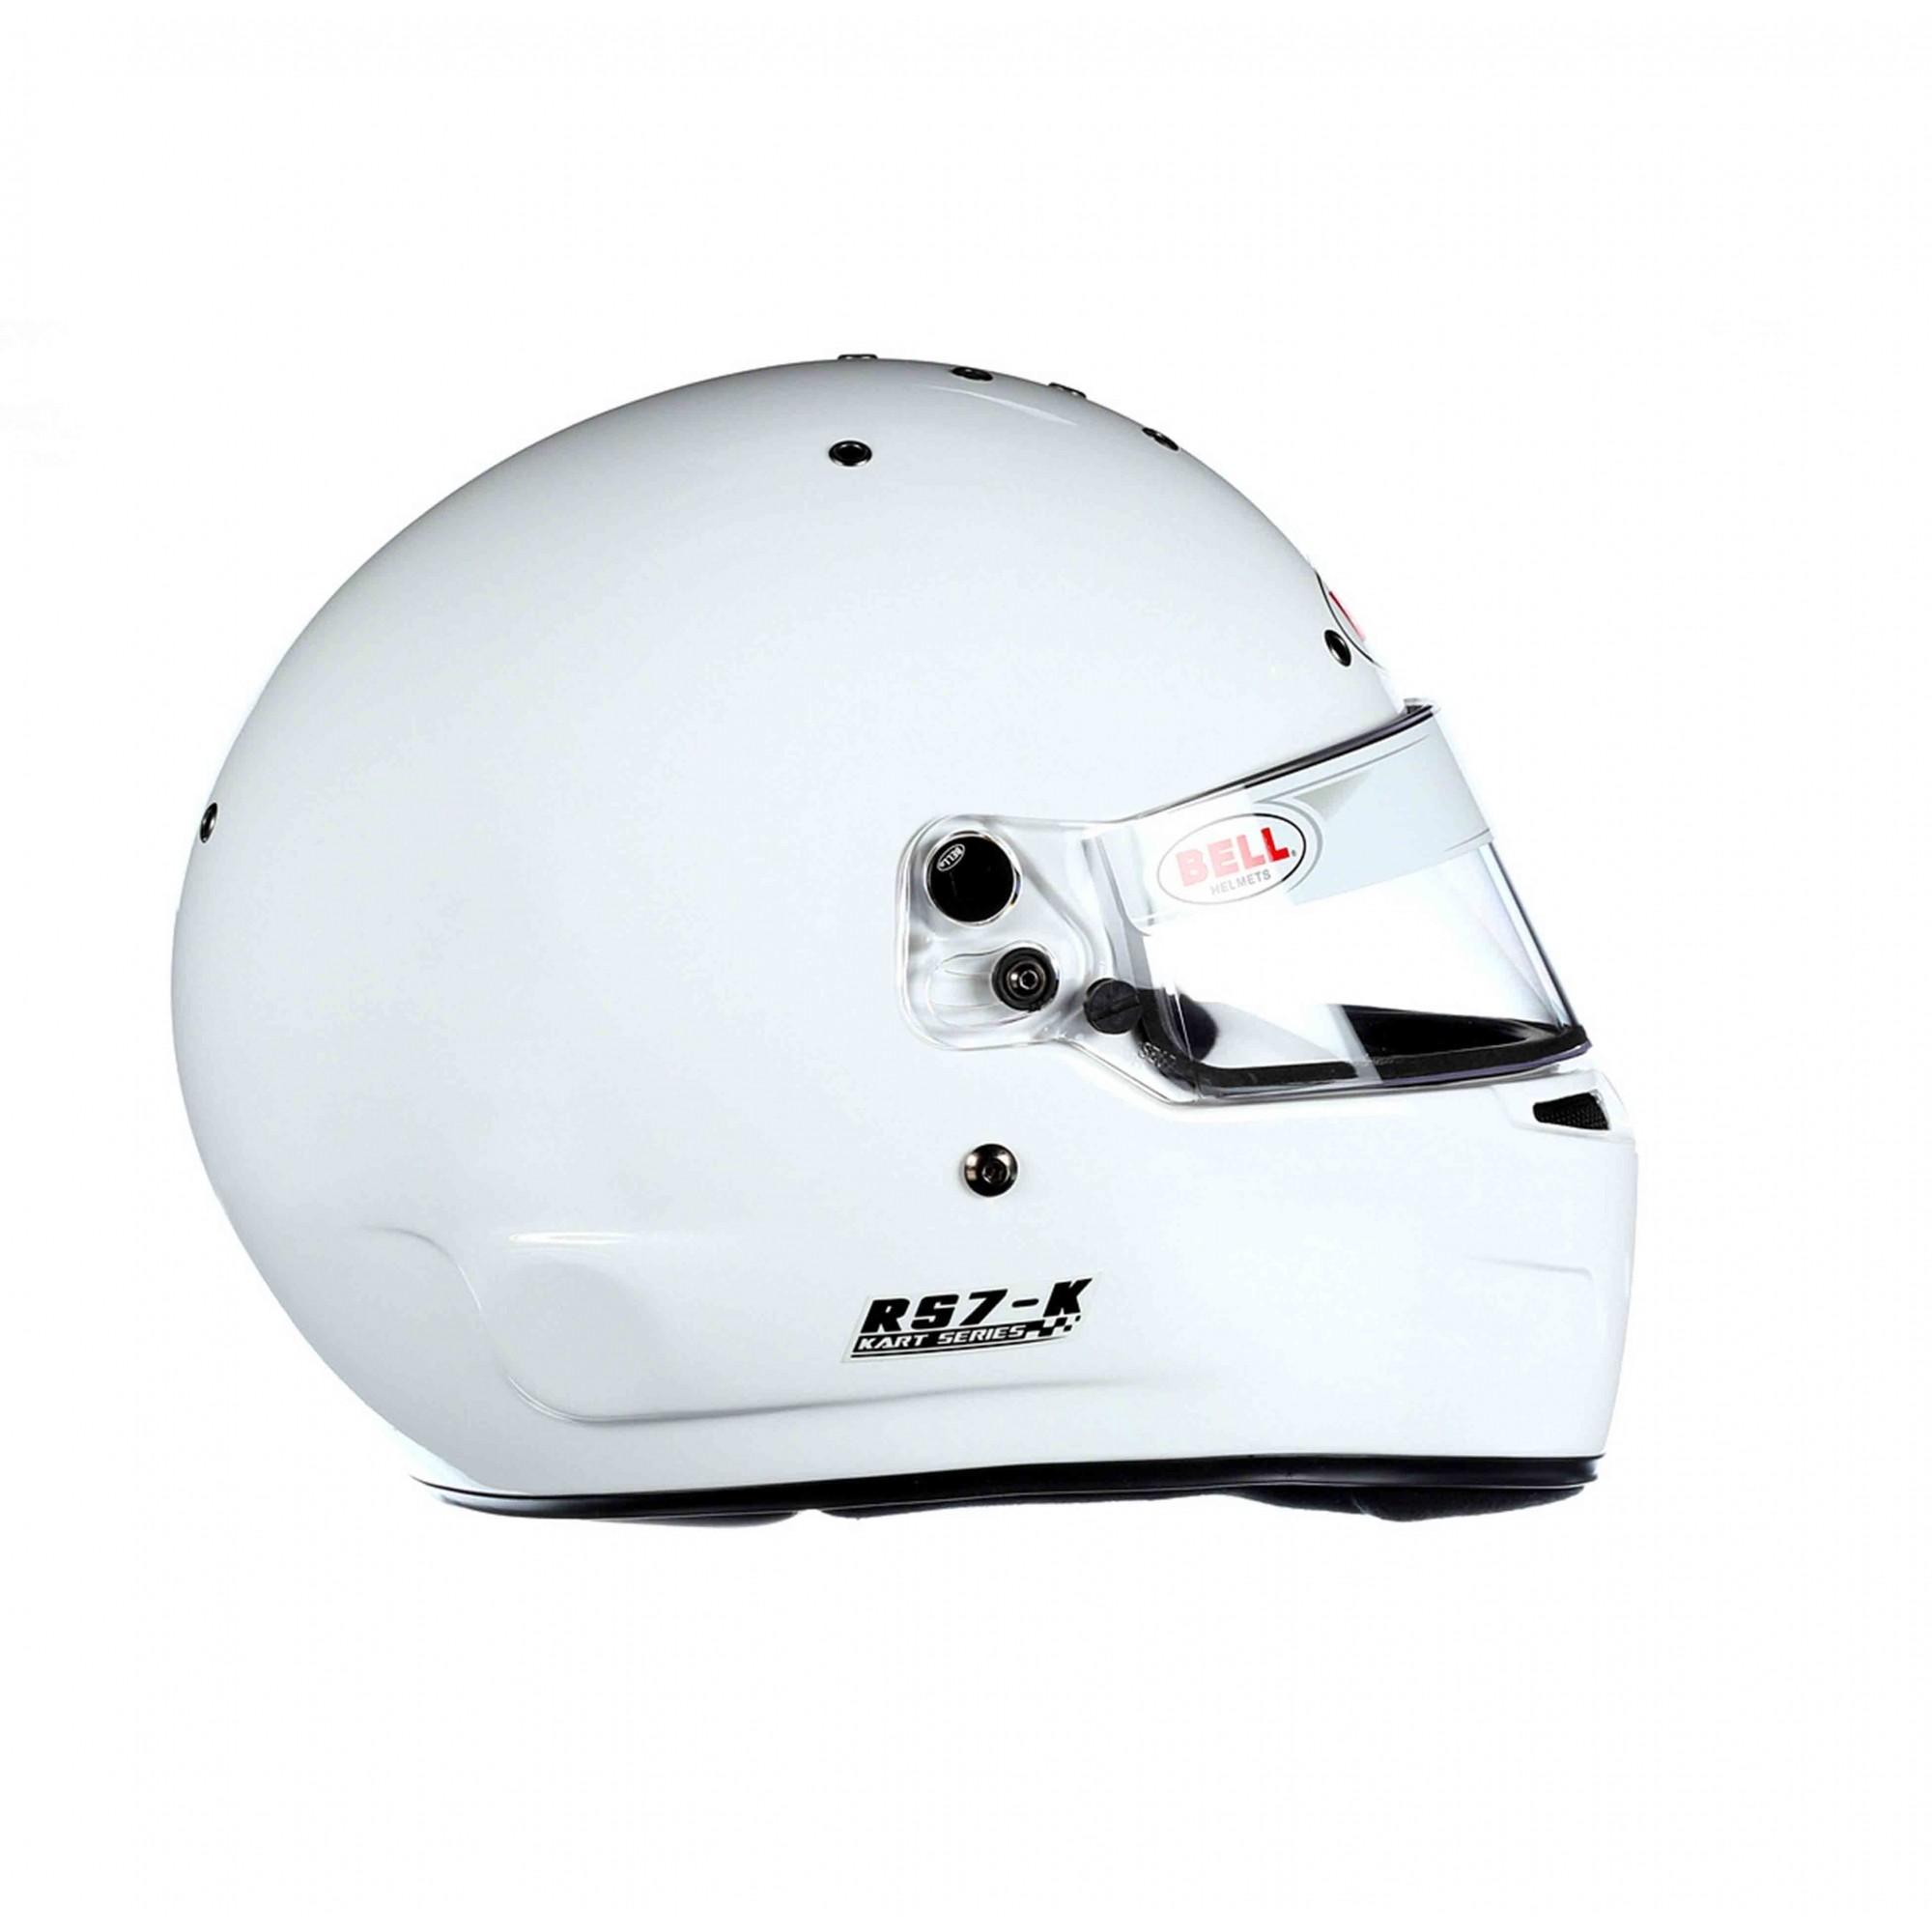 Capacete Bell RS7-K